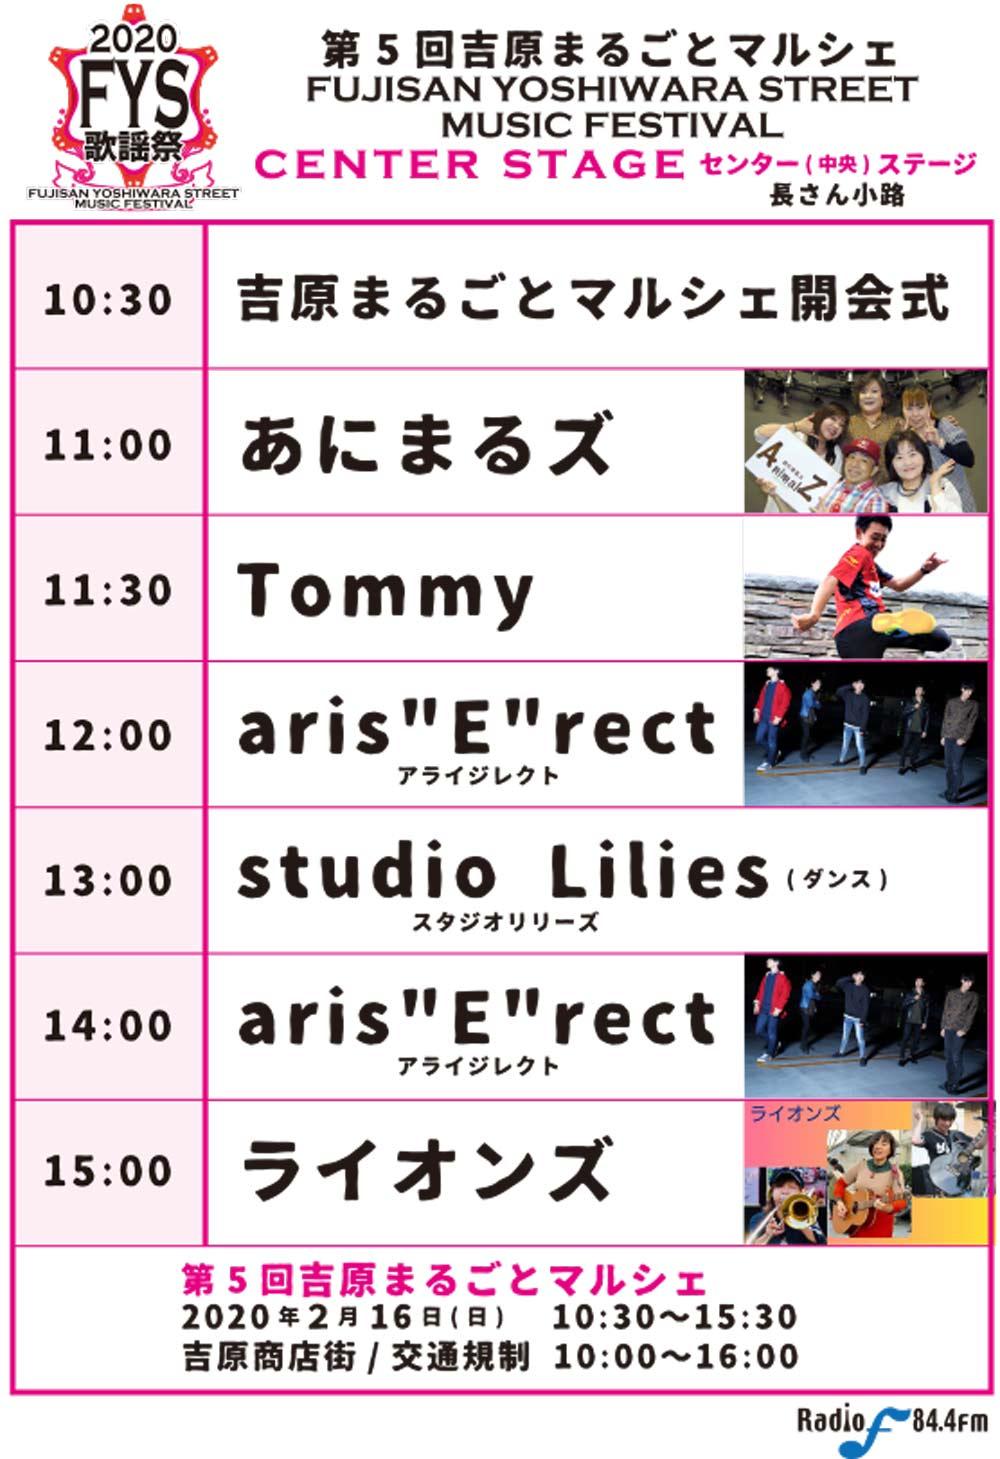 第5回 吉原まるごとマルシェ FYS歌謡祭タイムテーブル発表!